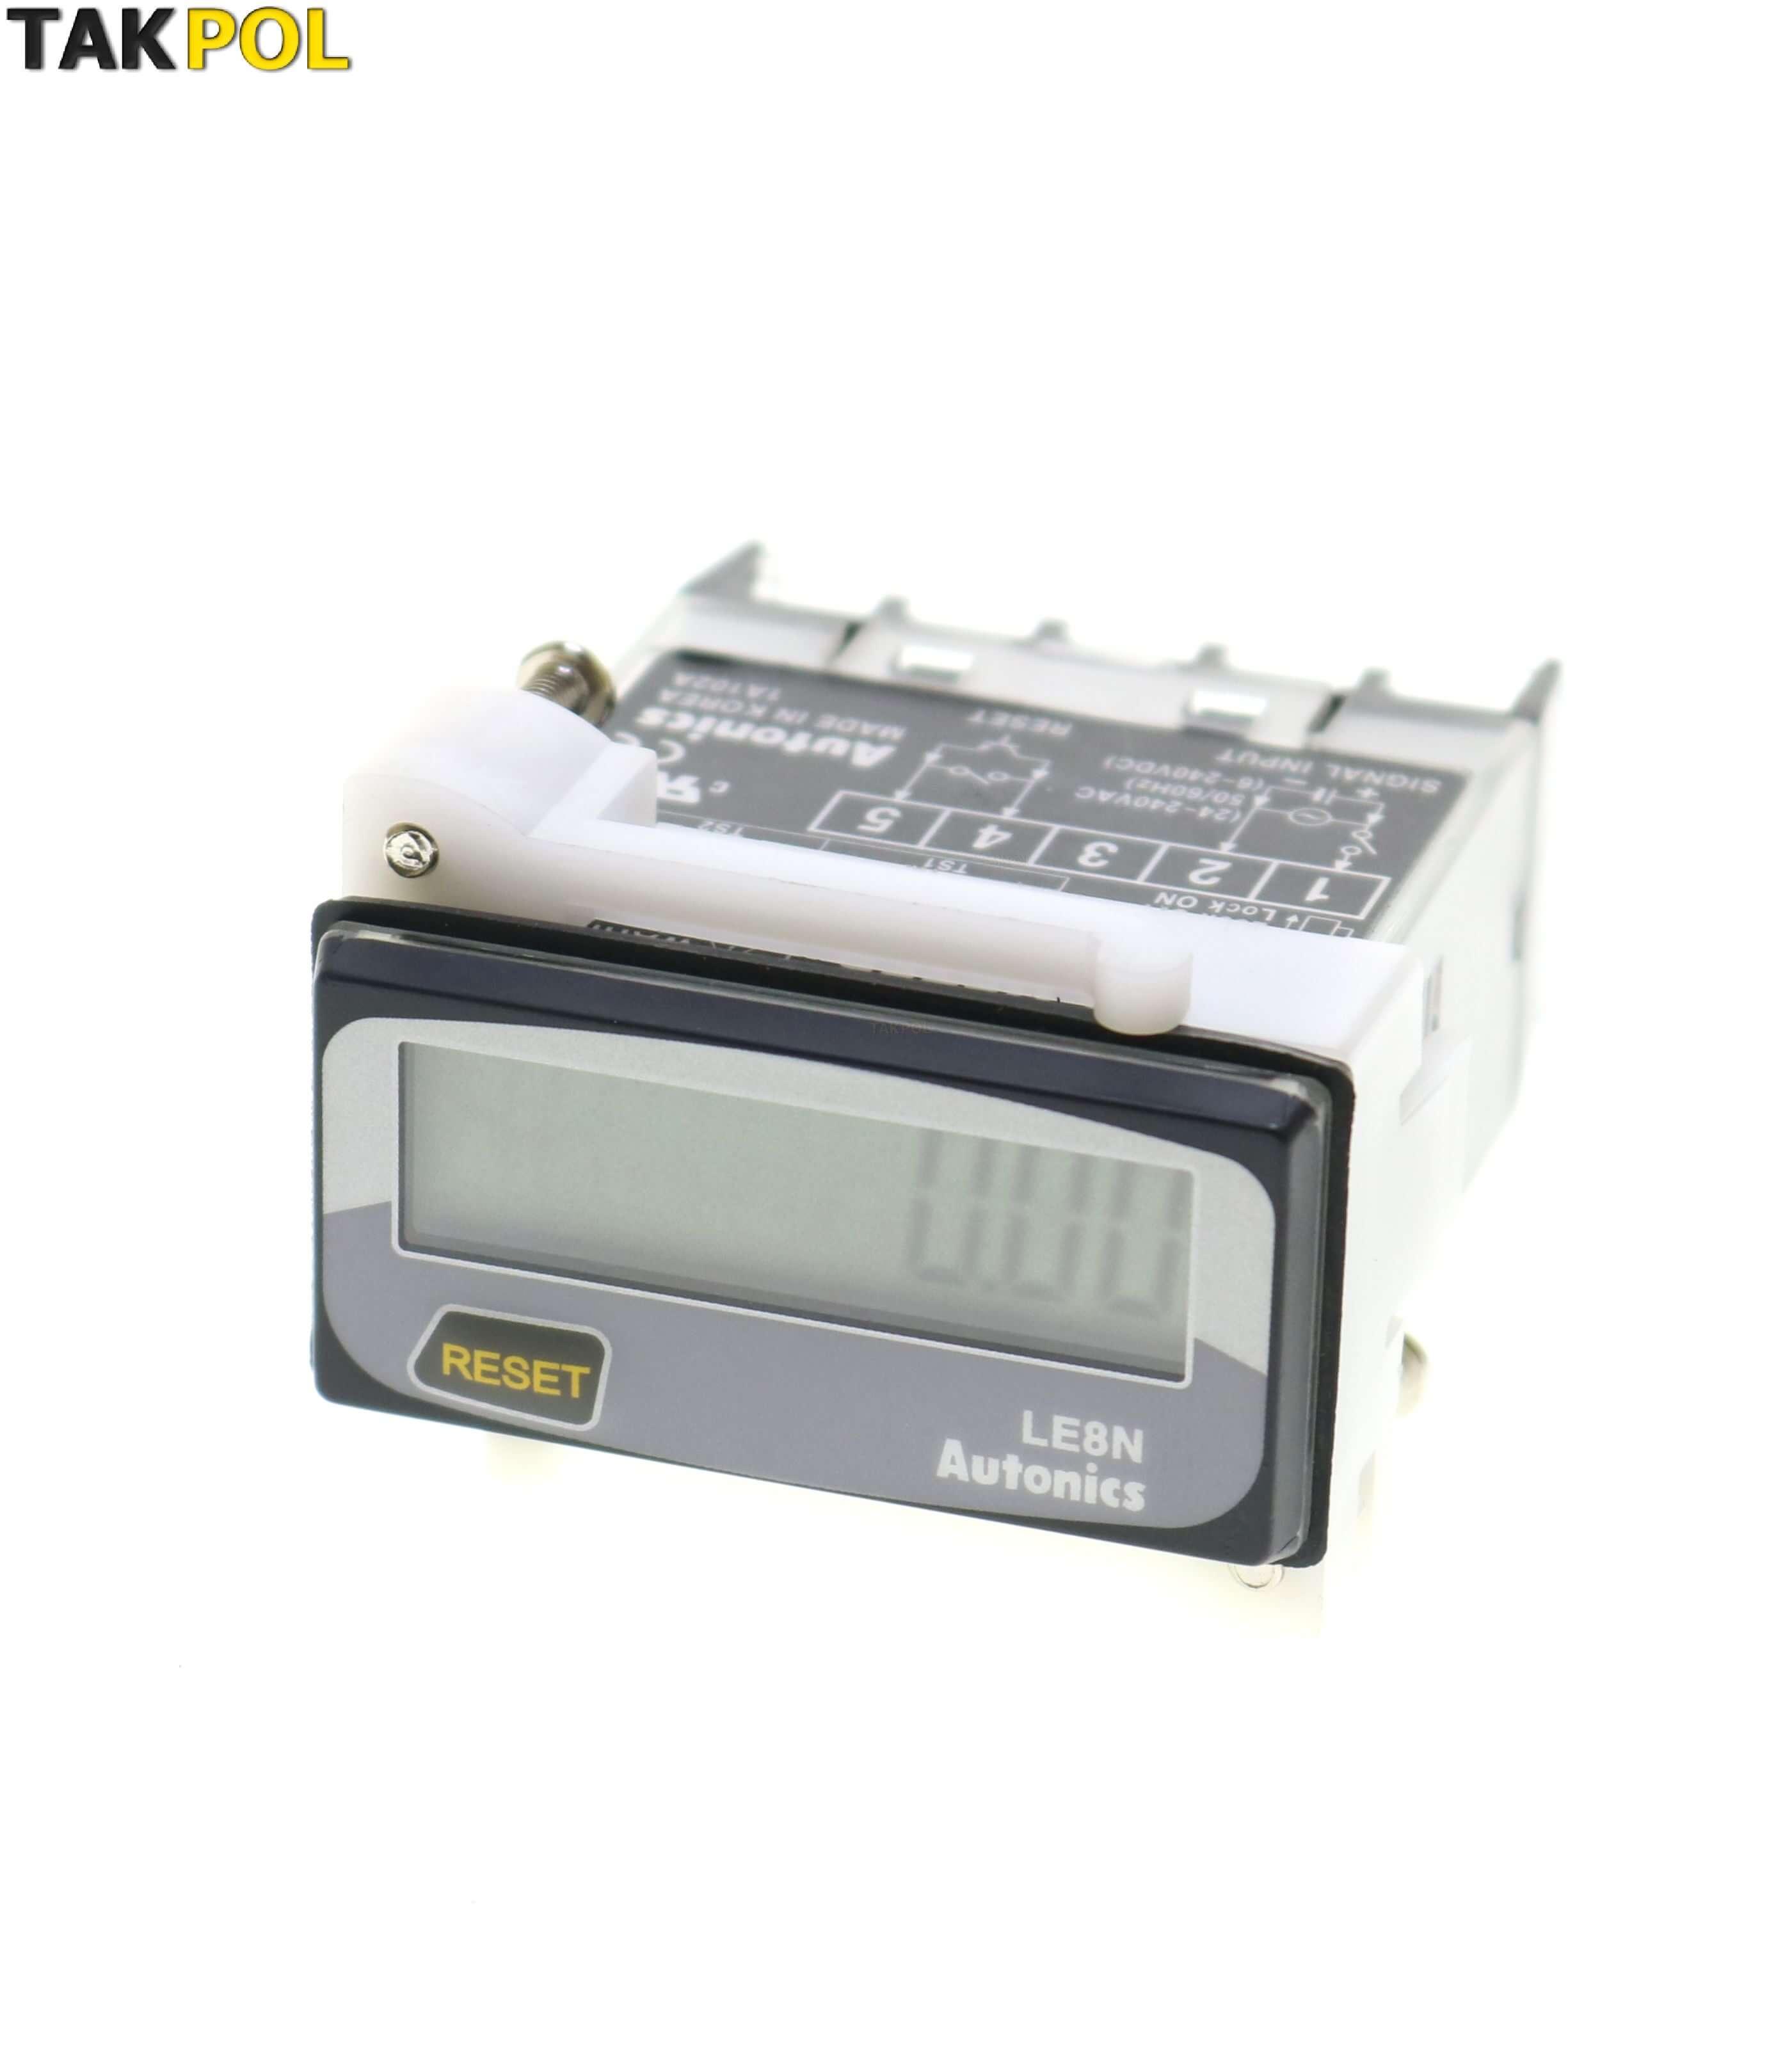 ساعت کارآتونیکس(autonics) مدلLE8N-BF